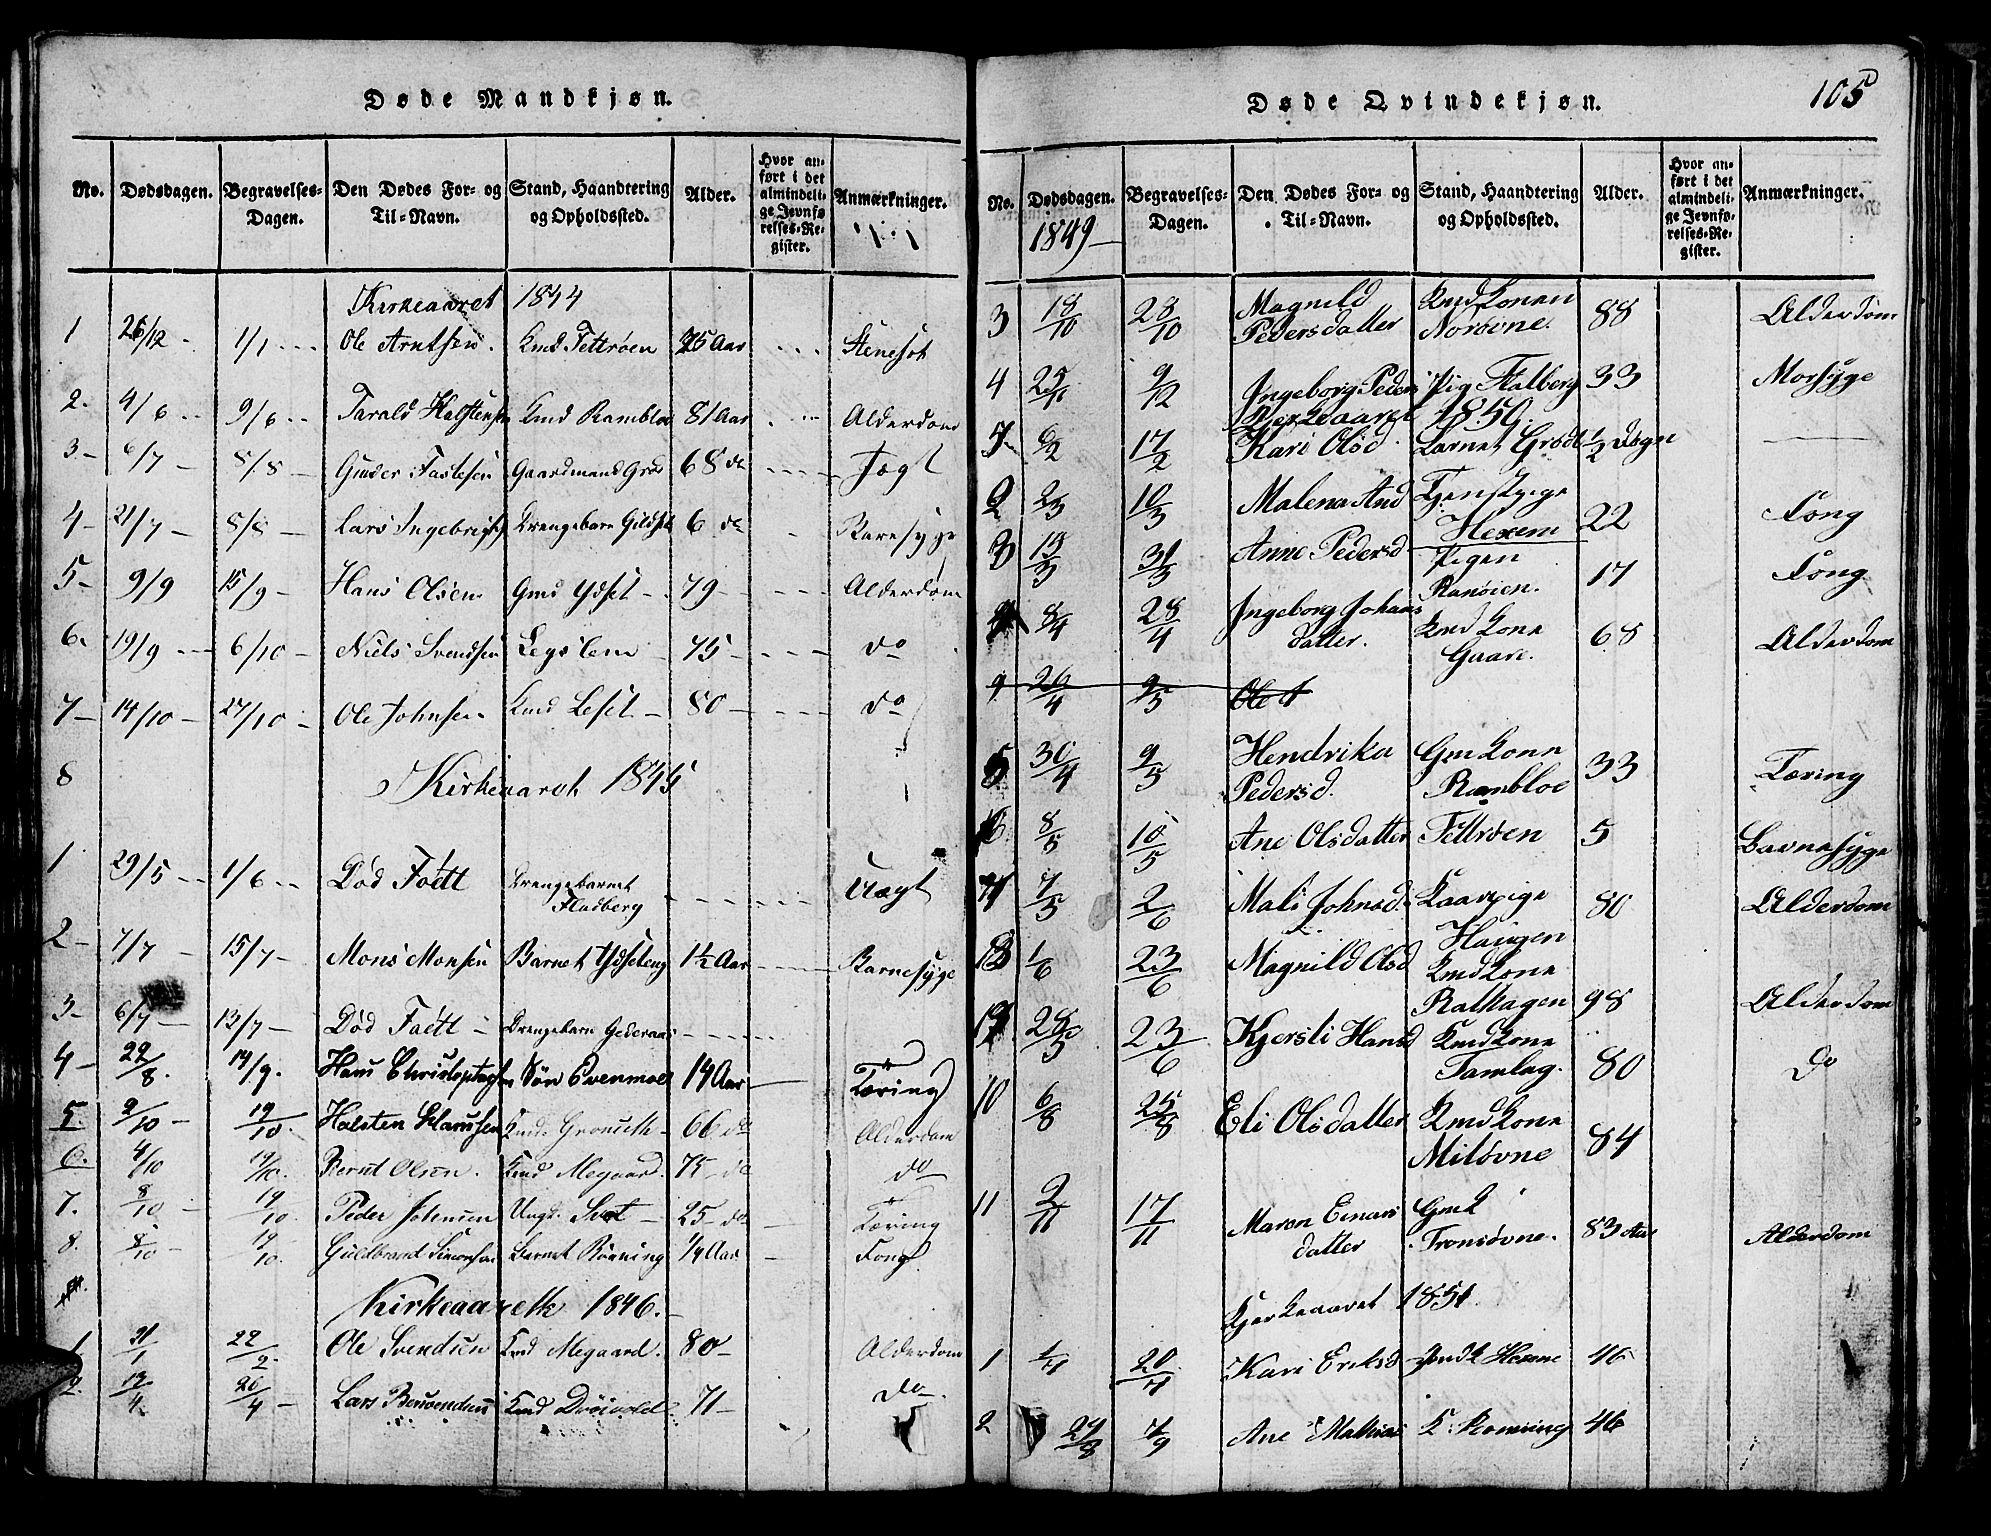 SAT, Ministerialprotokoller, klokkerbøker og fødselsregistre - Sør-Trøndelag, 685/L0976: Klokkerbok nr. 685C01, 1817-1878, s. 105